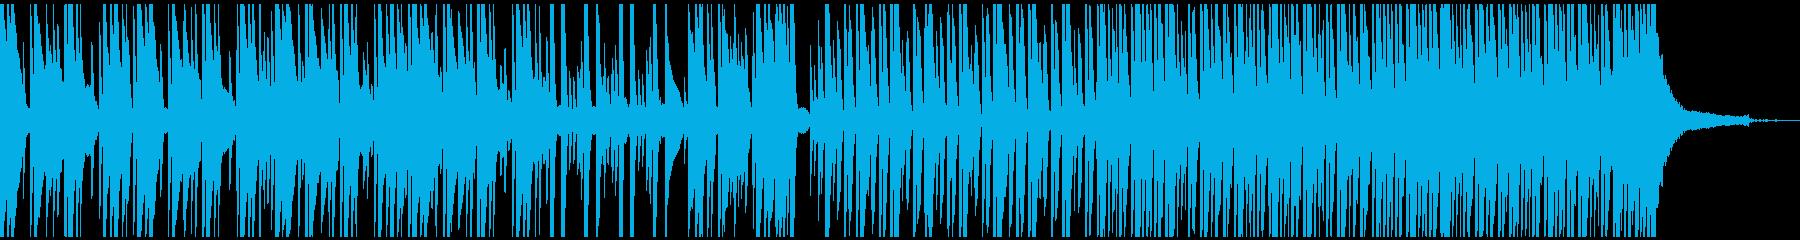 さりげなくハッピーでかわいい3拍子ピアノの再生済みの波形